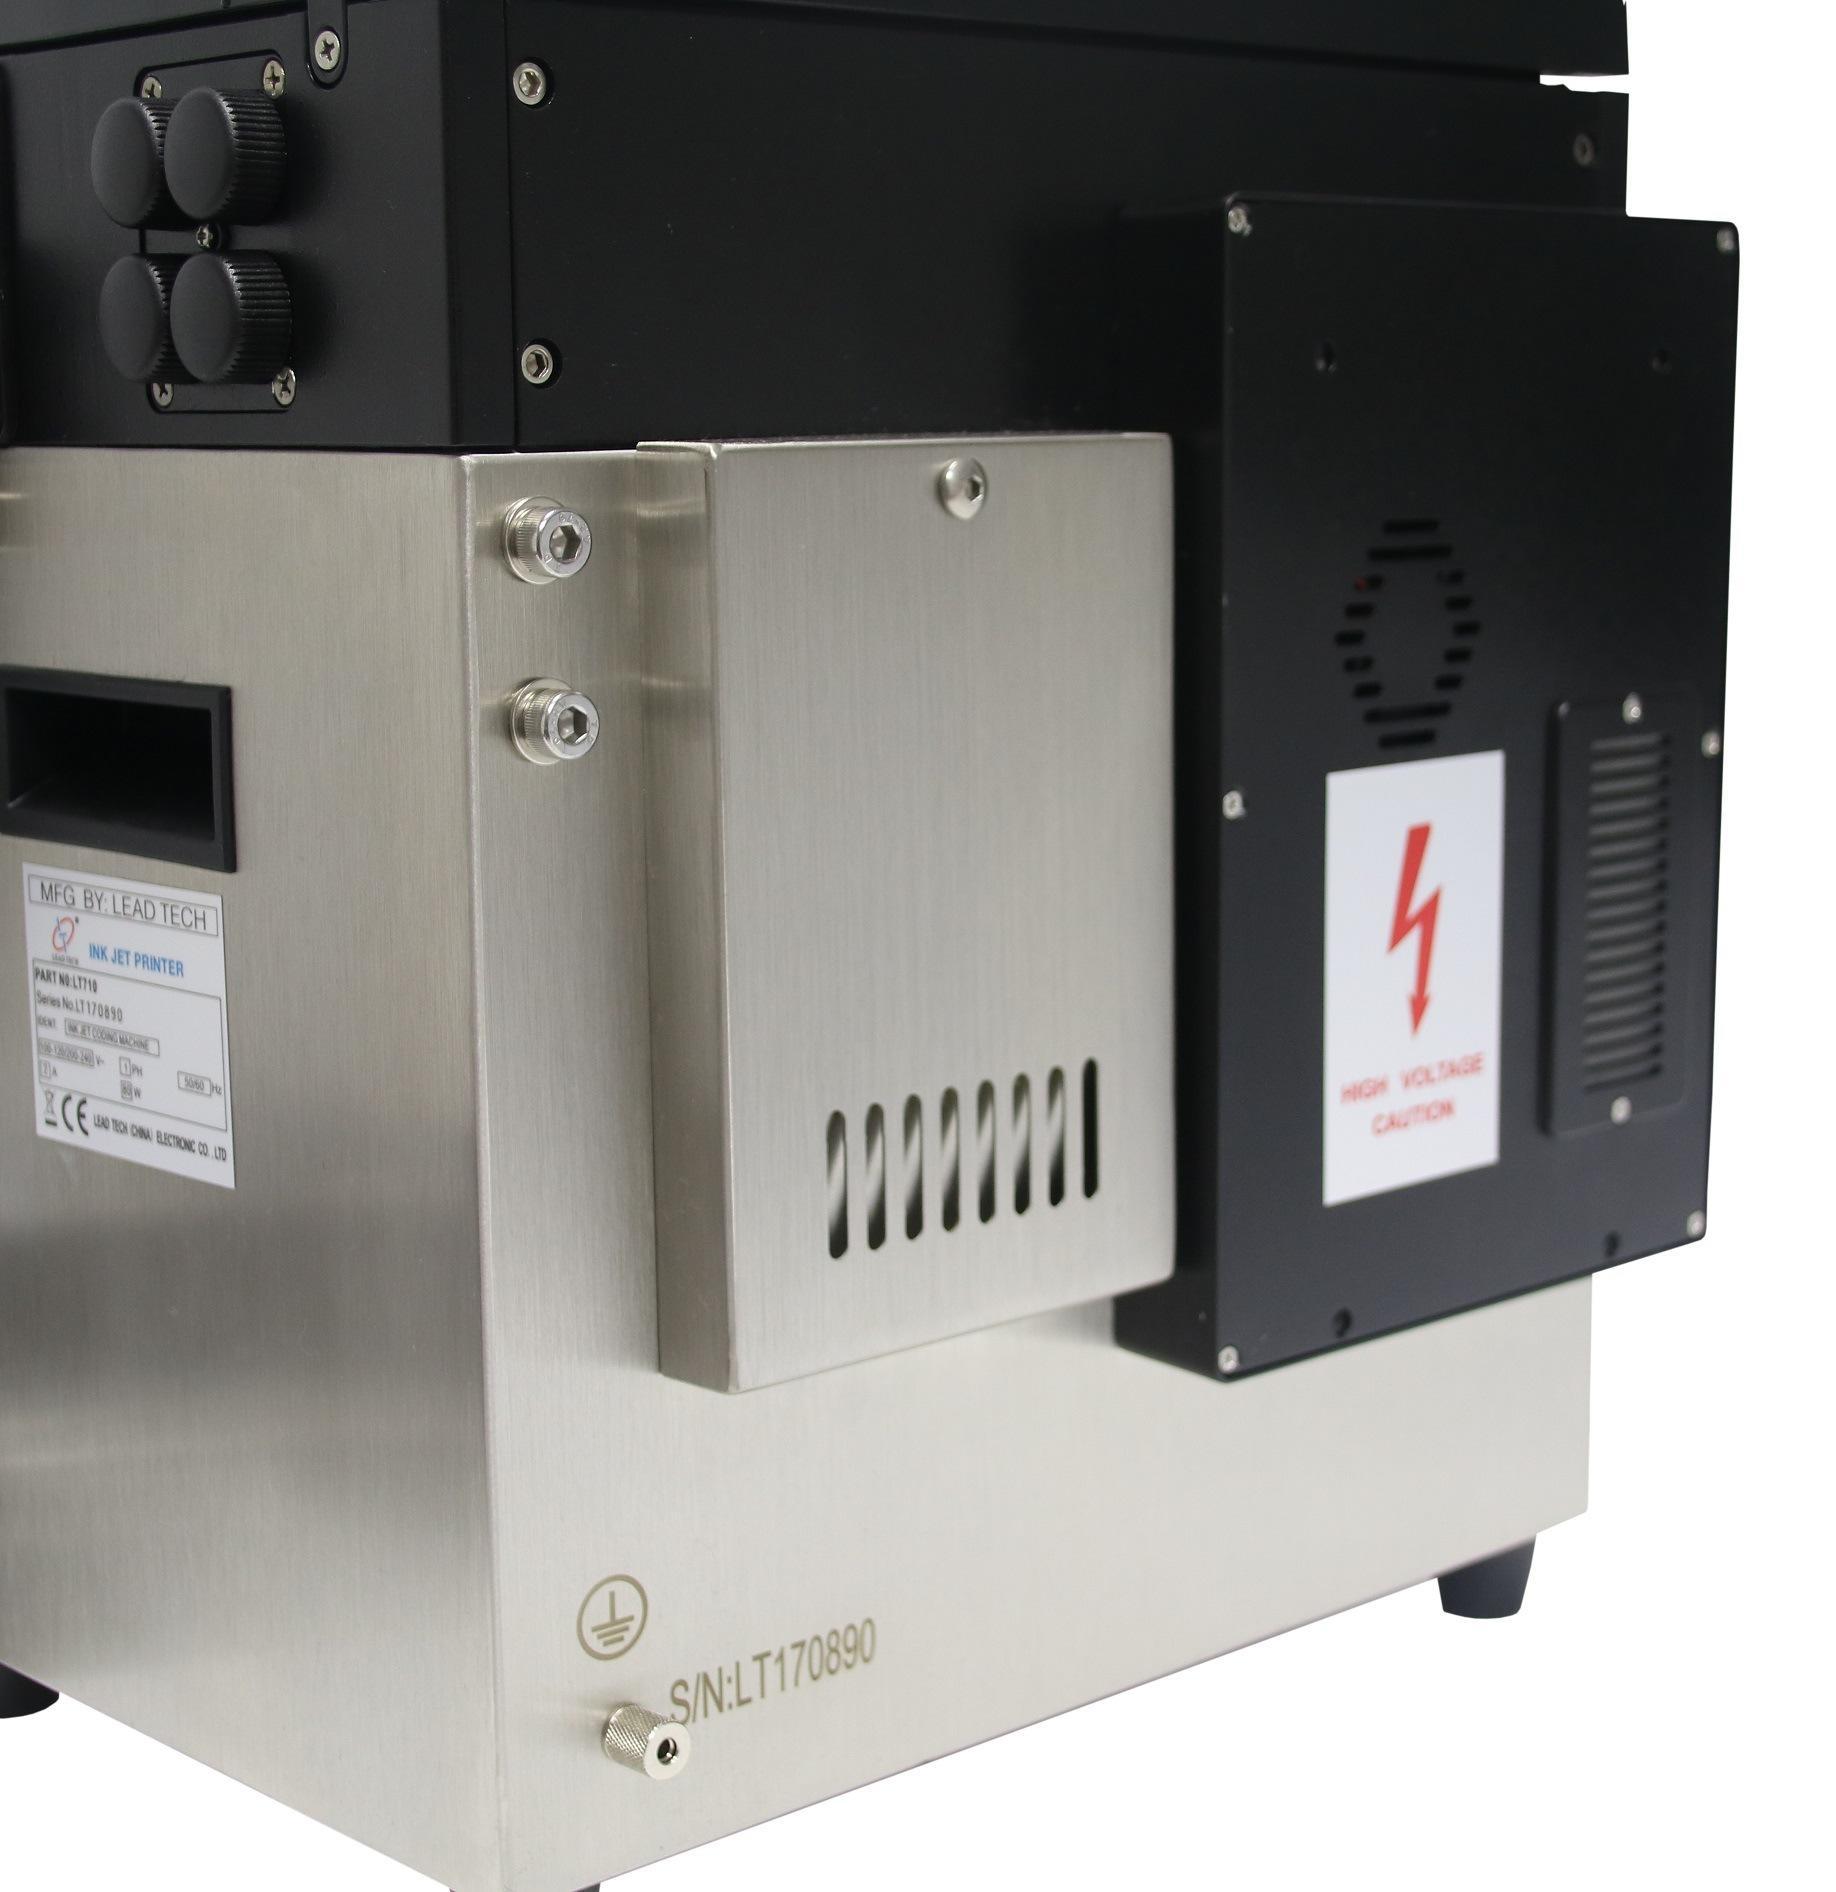 Lead Tech Lt760 Egg Coding Cij Inkjet Printer